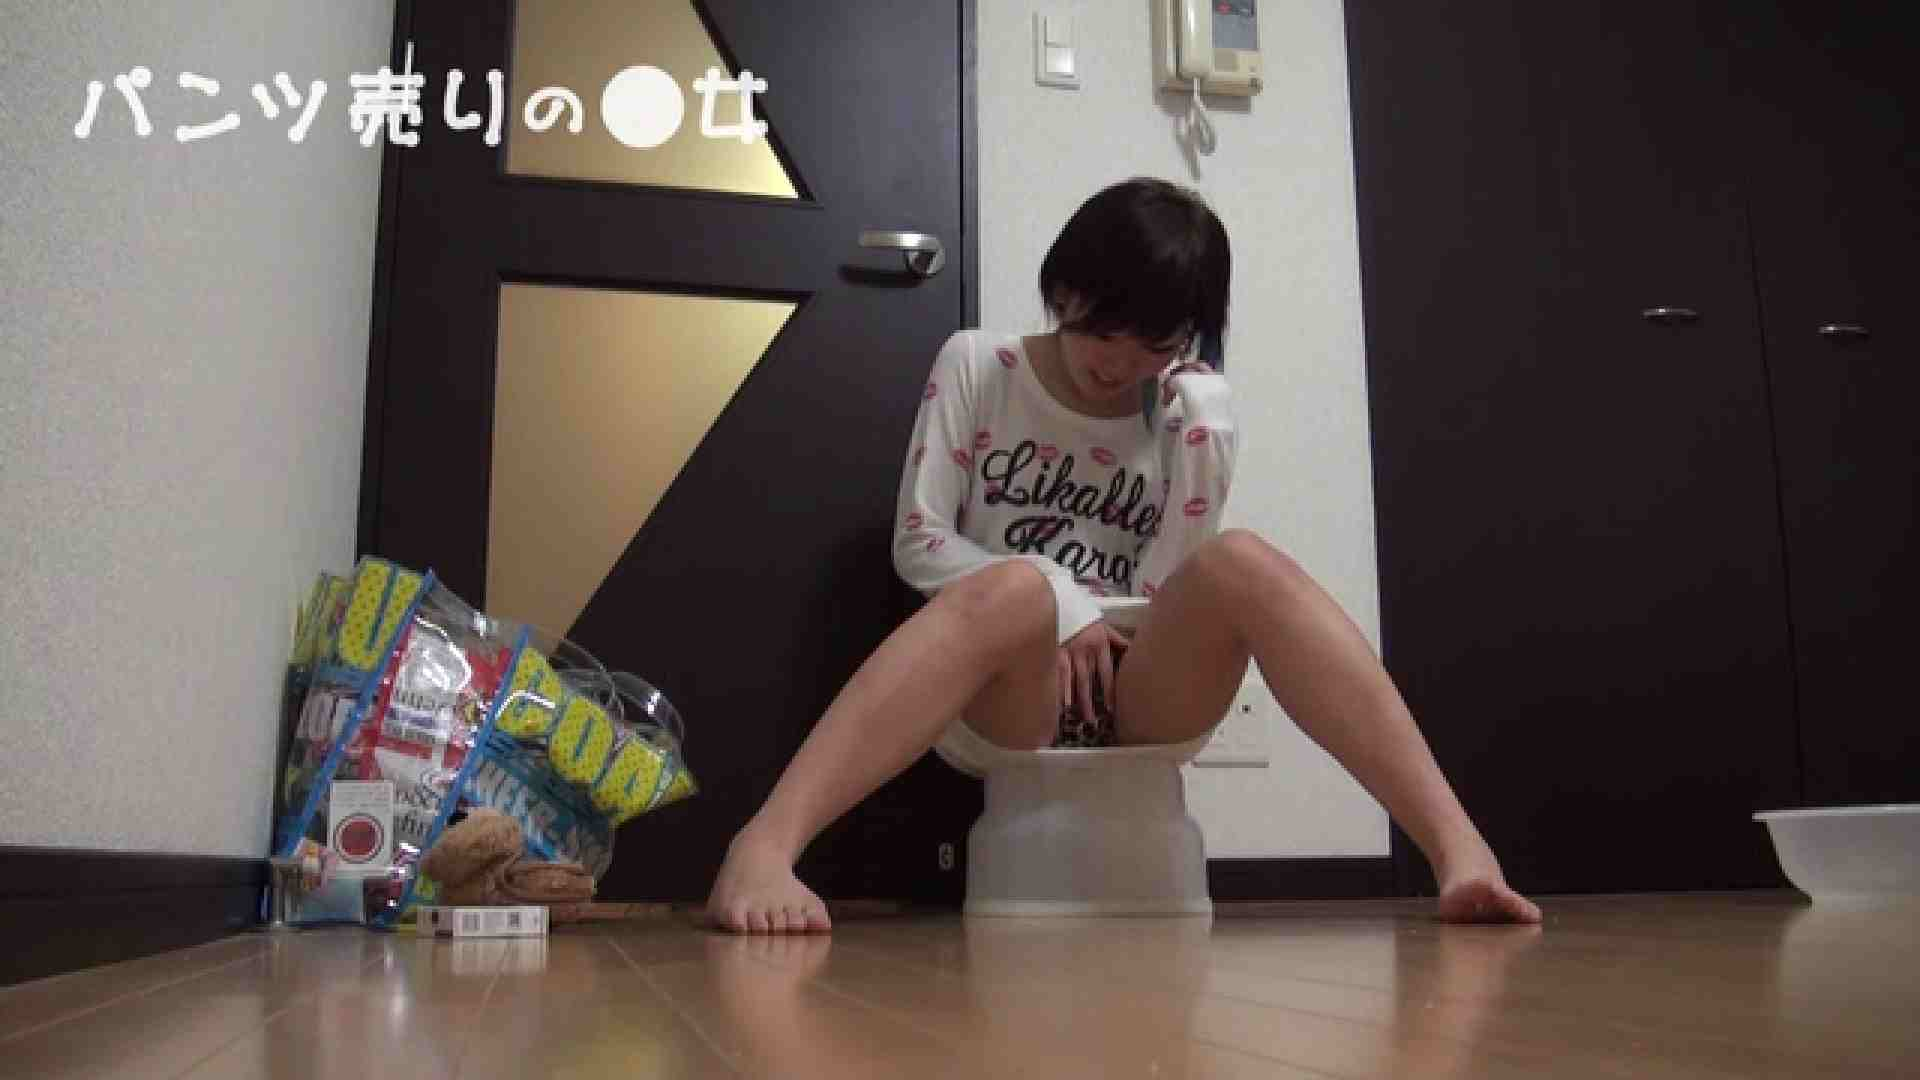 新説 パンツ売りの女の子nana 一般投稿  108枚 46